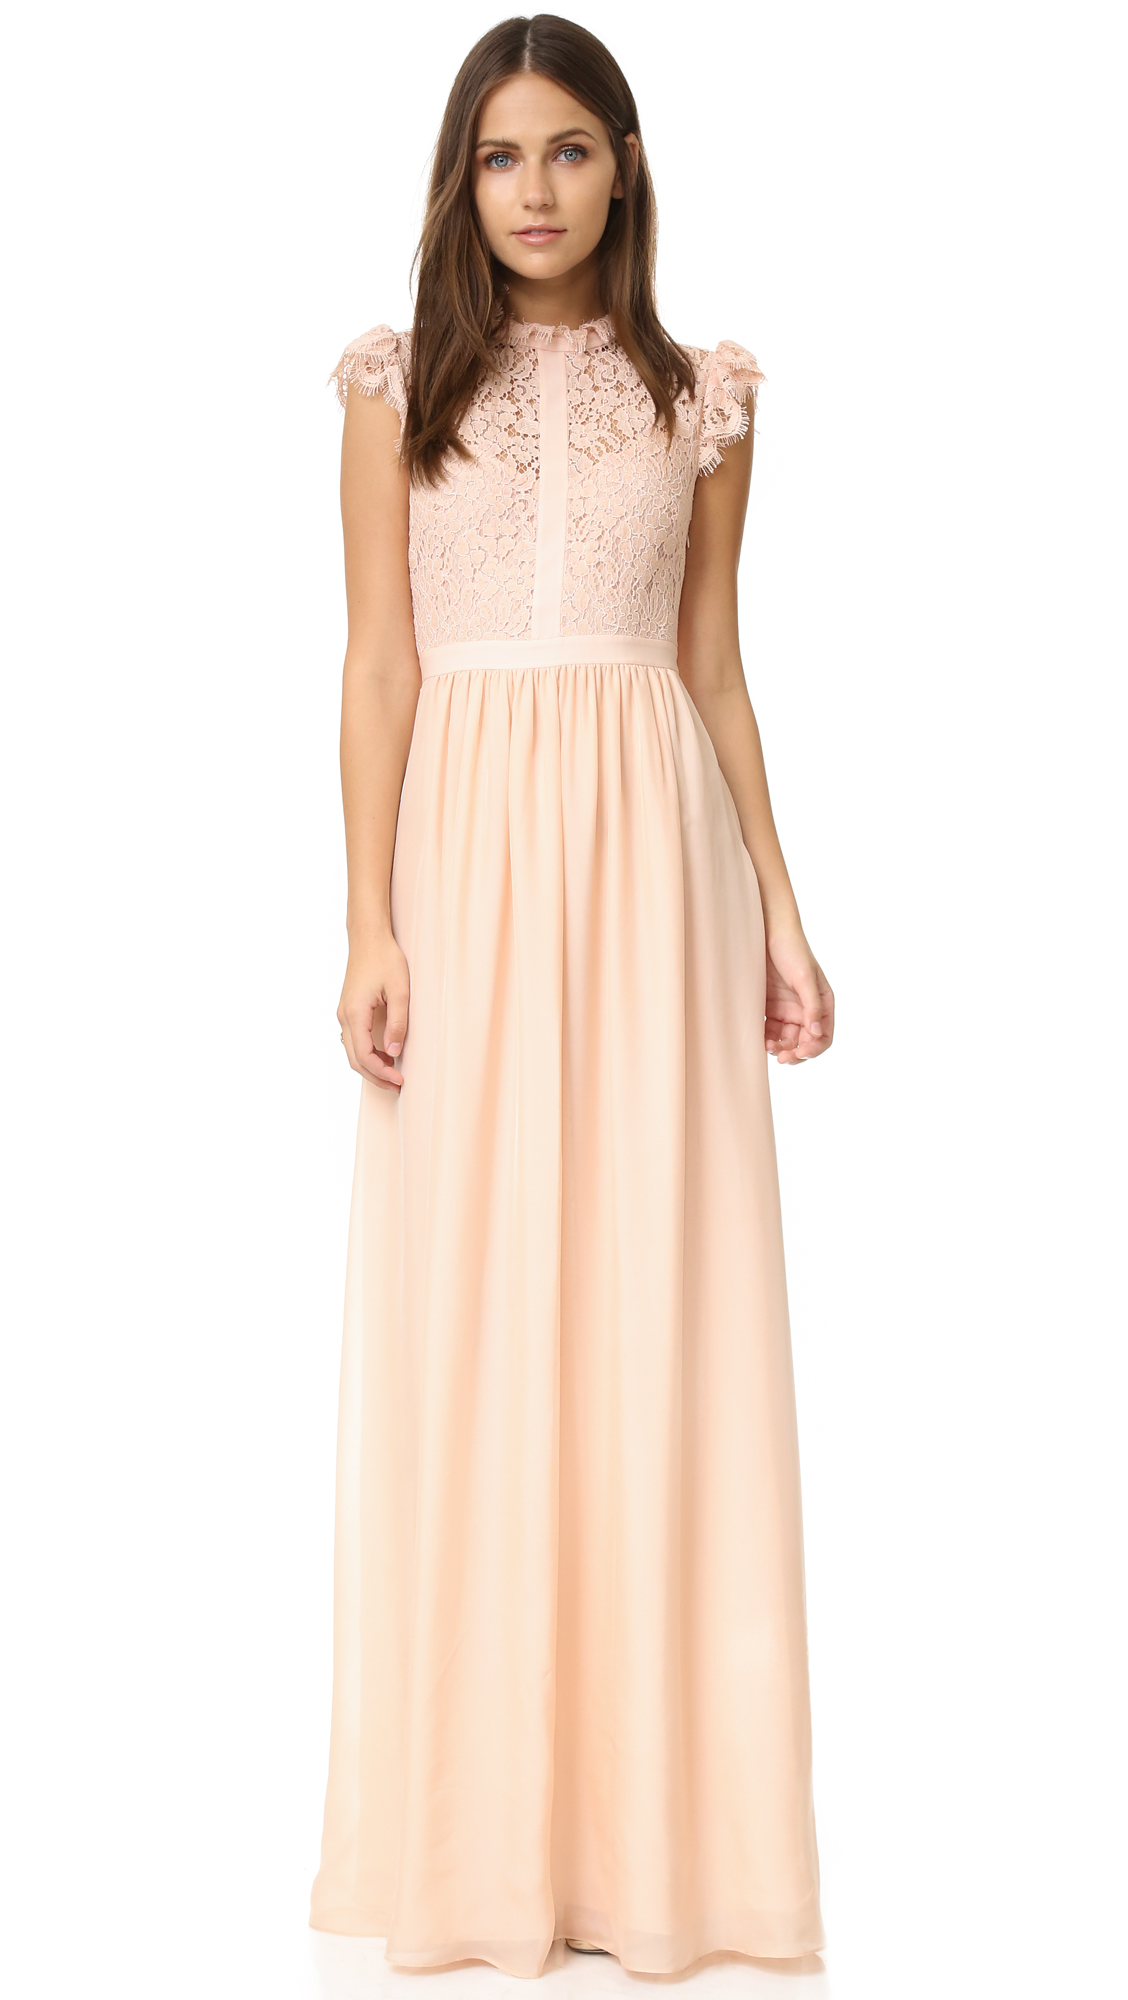 Rachel Zoe Evening Dress